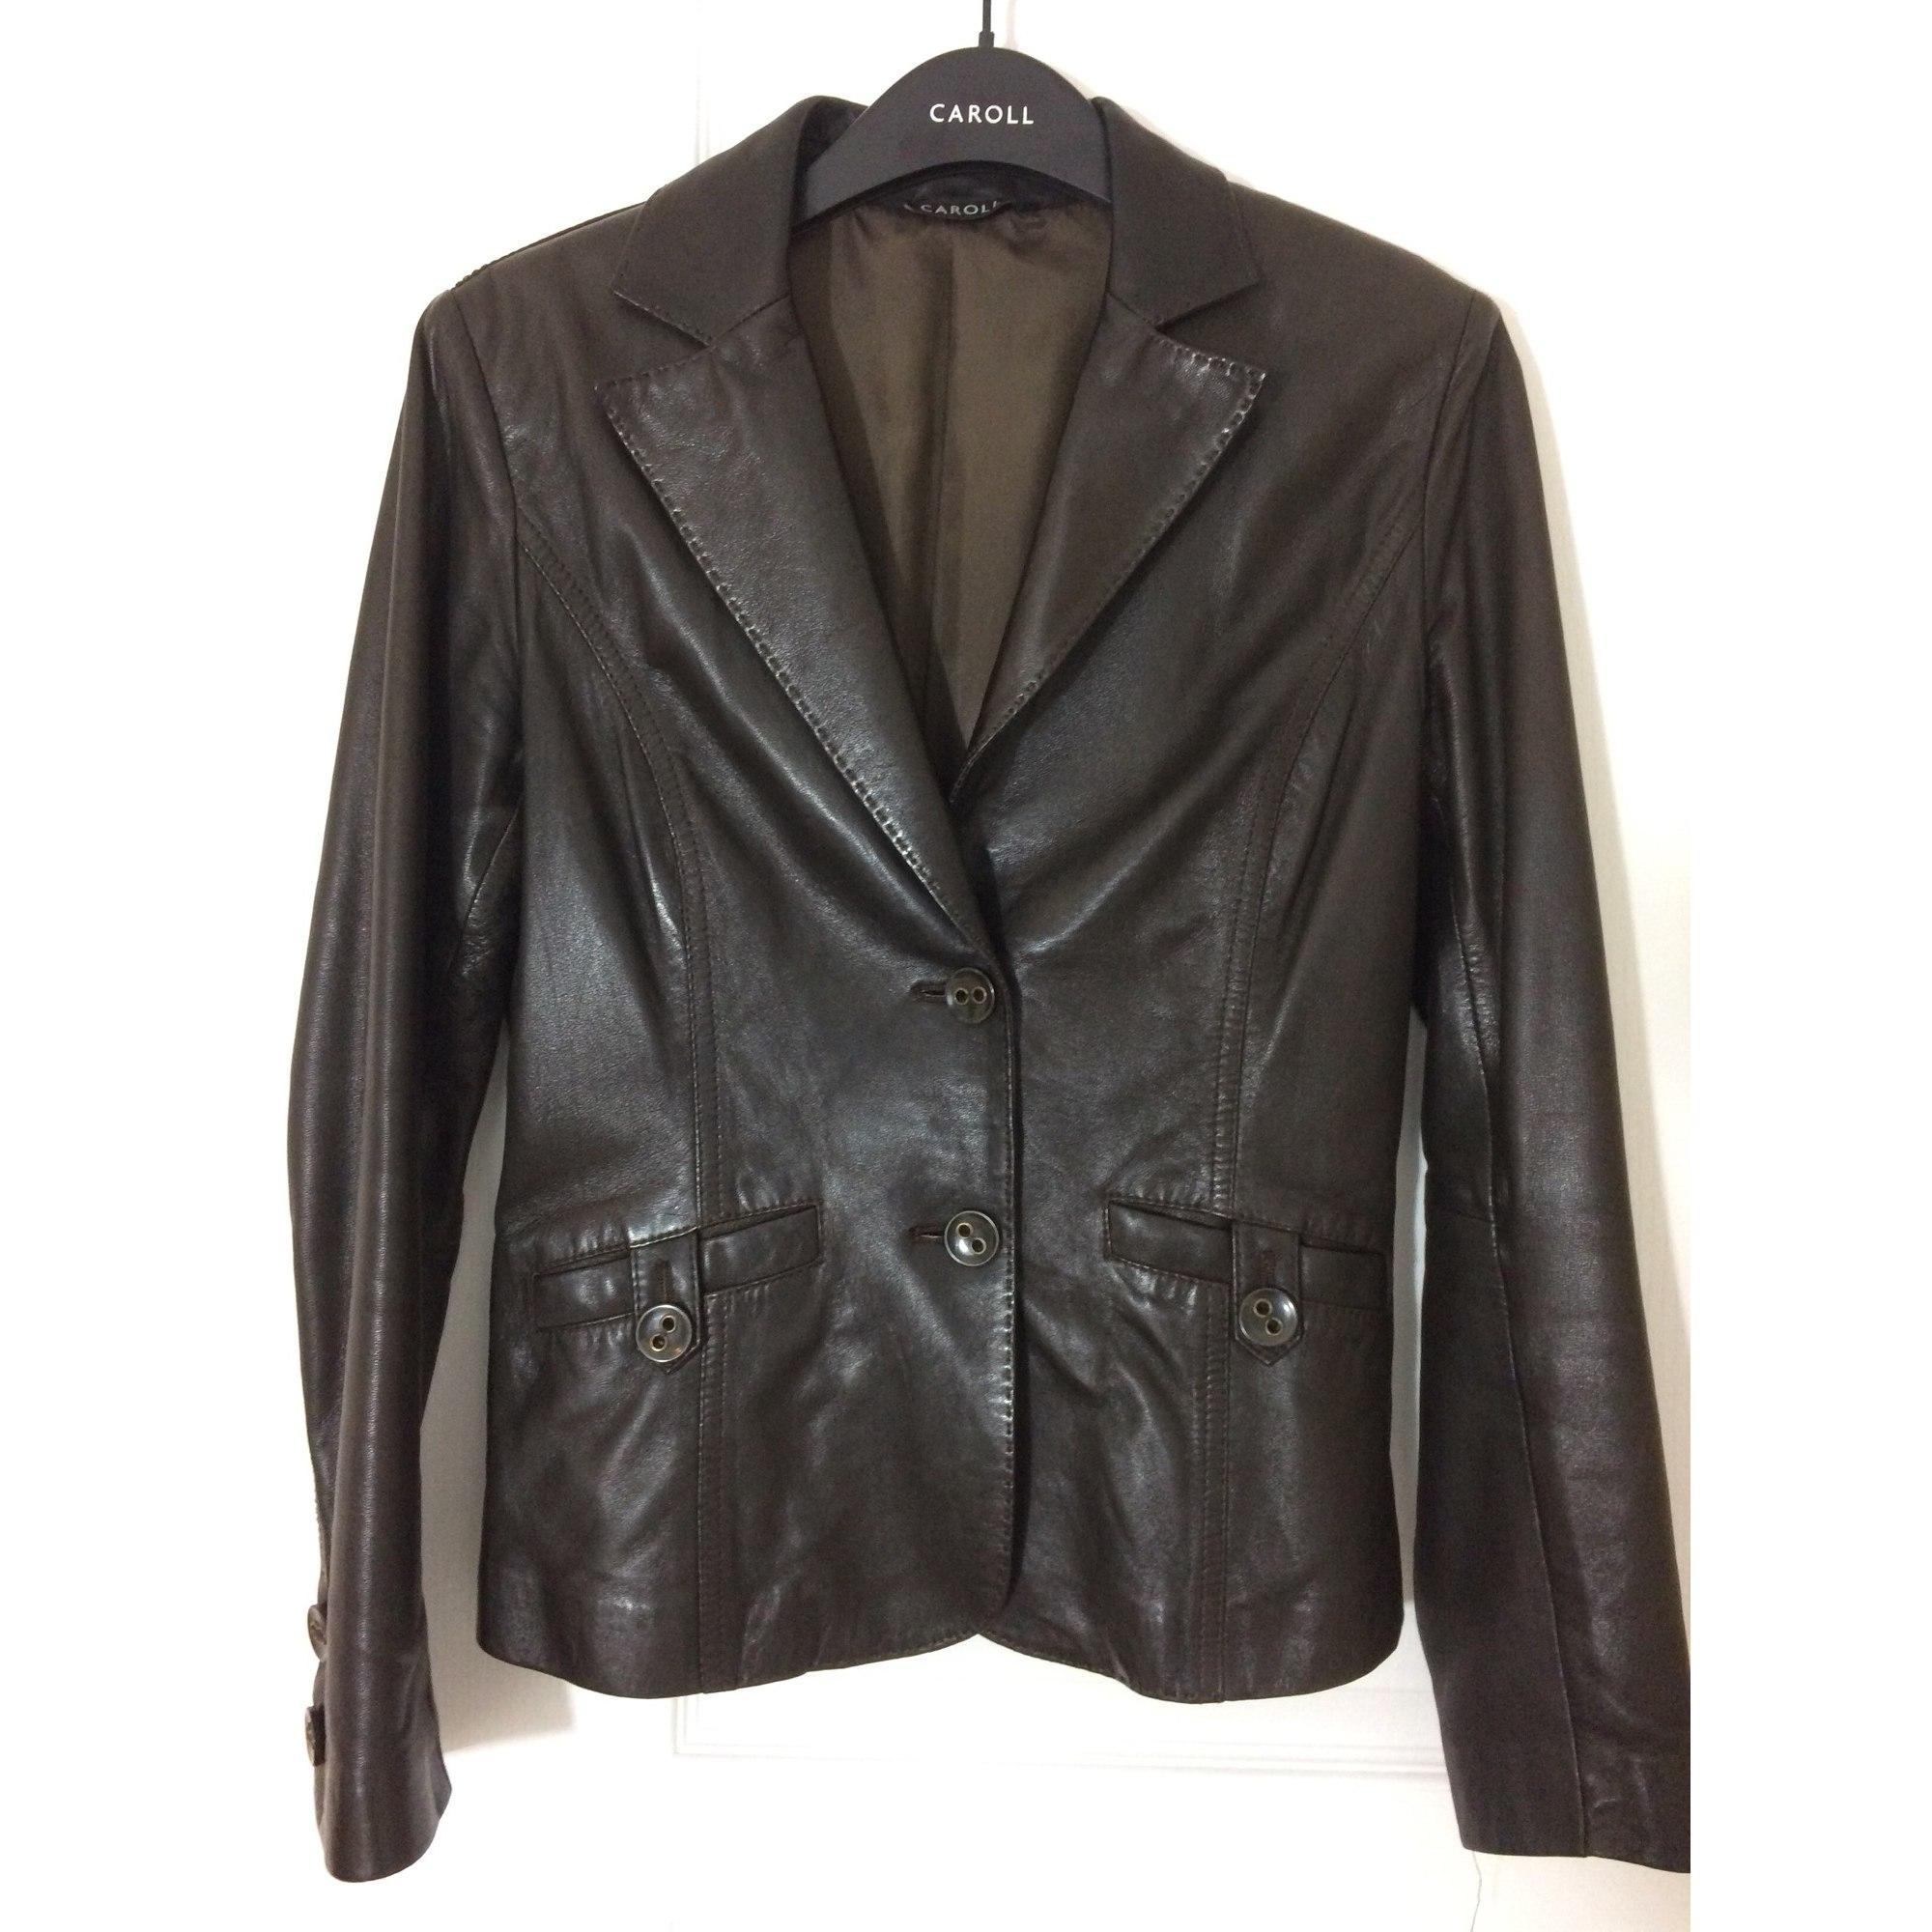 72430f2d7122 Veste en cuir CAROLL 36 (S, T1) marron vendu par Marytchou - 7199452